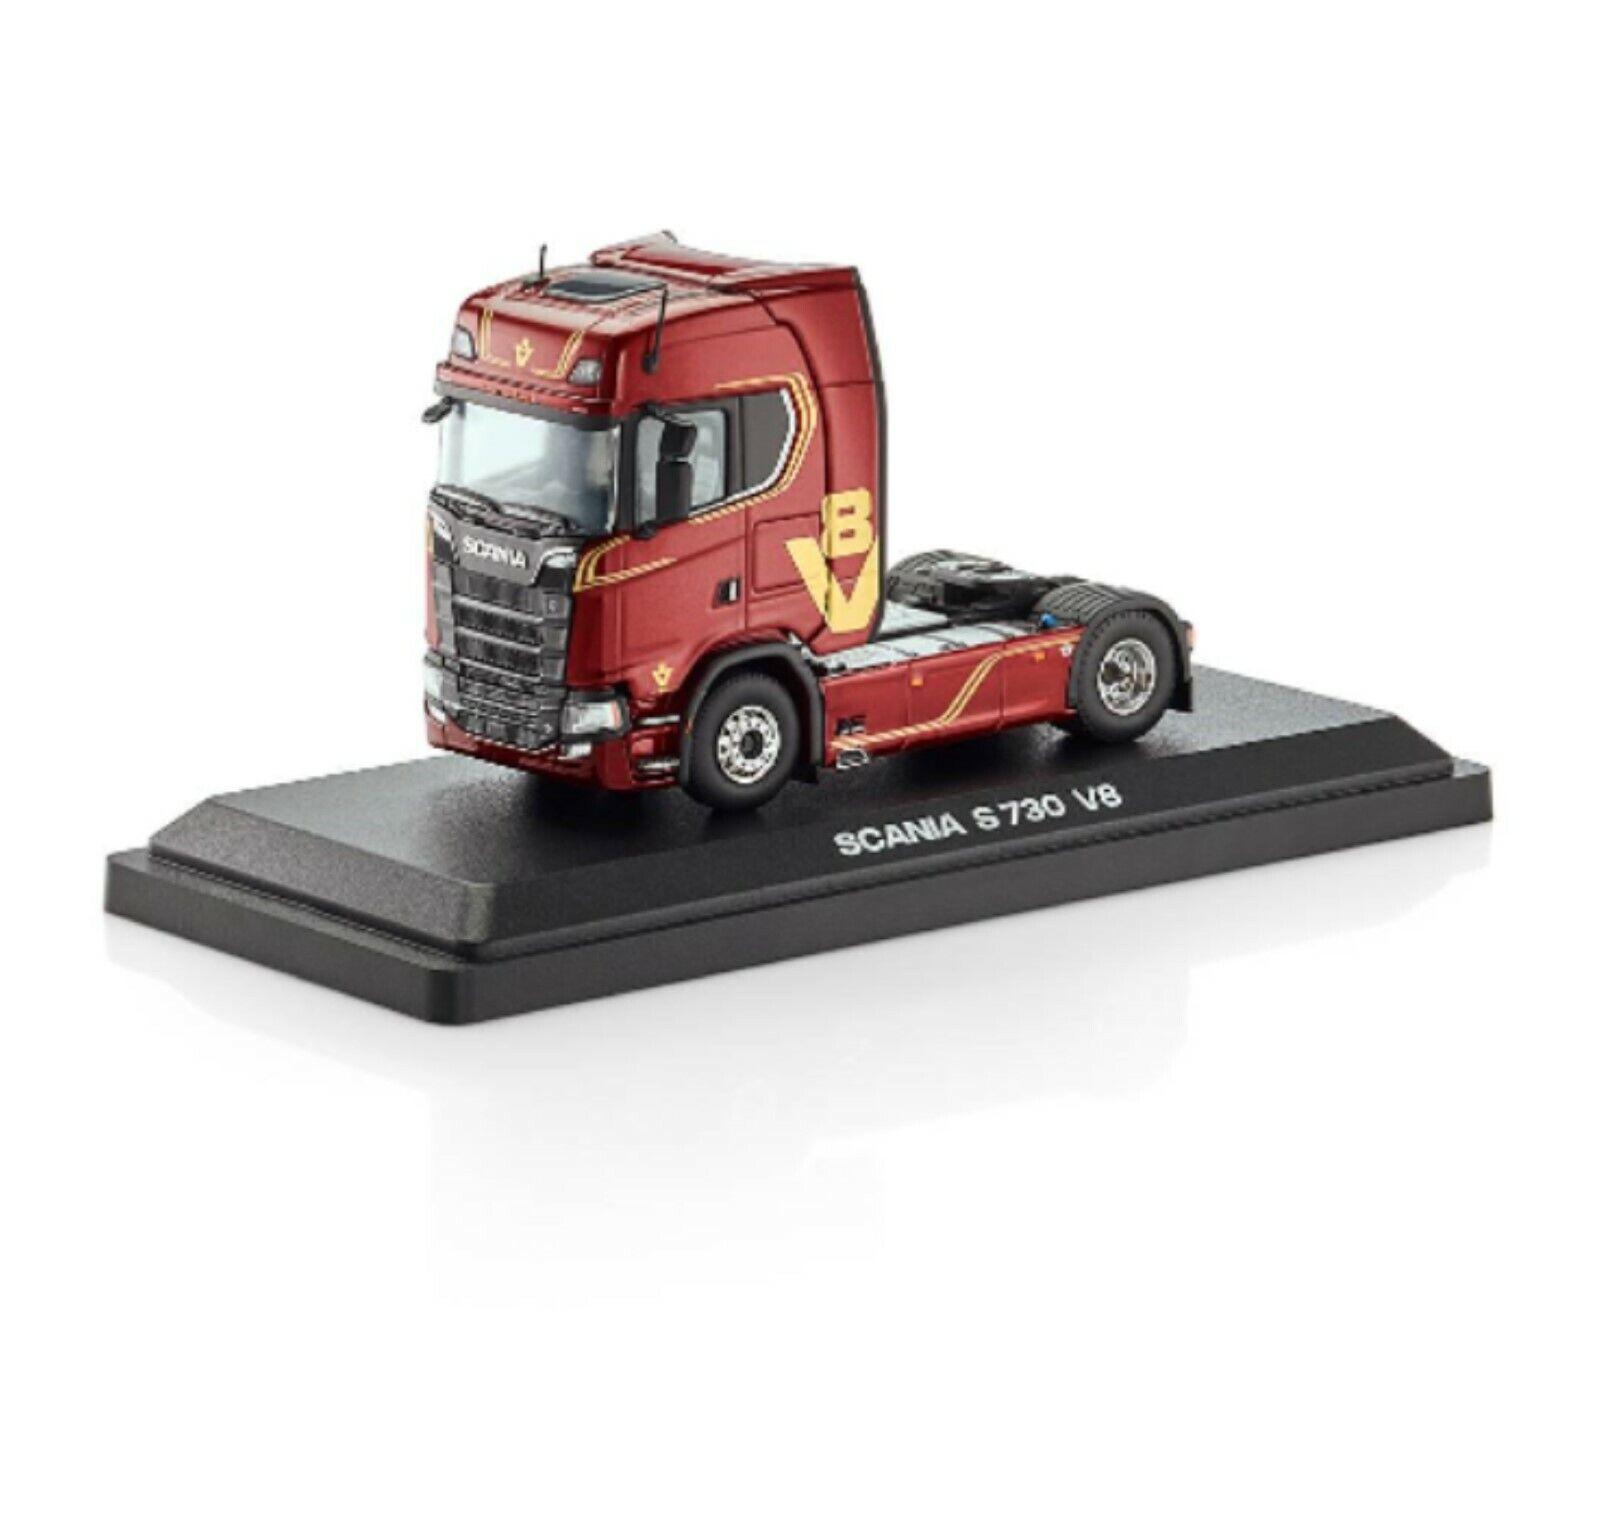 ahorra 50% -75% de descuento Scania S 730 V8 4 X 2 Camión Camión Camión Tractor Rojo en caso de exhibición Tekno Nuevo  moda